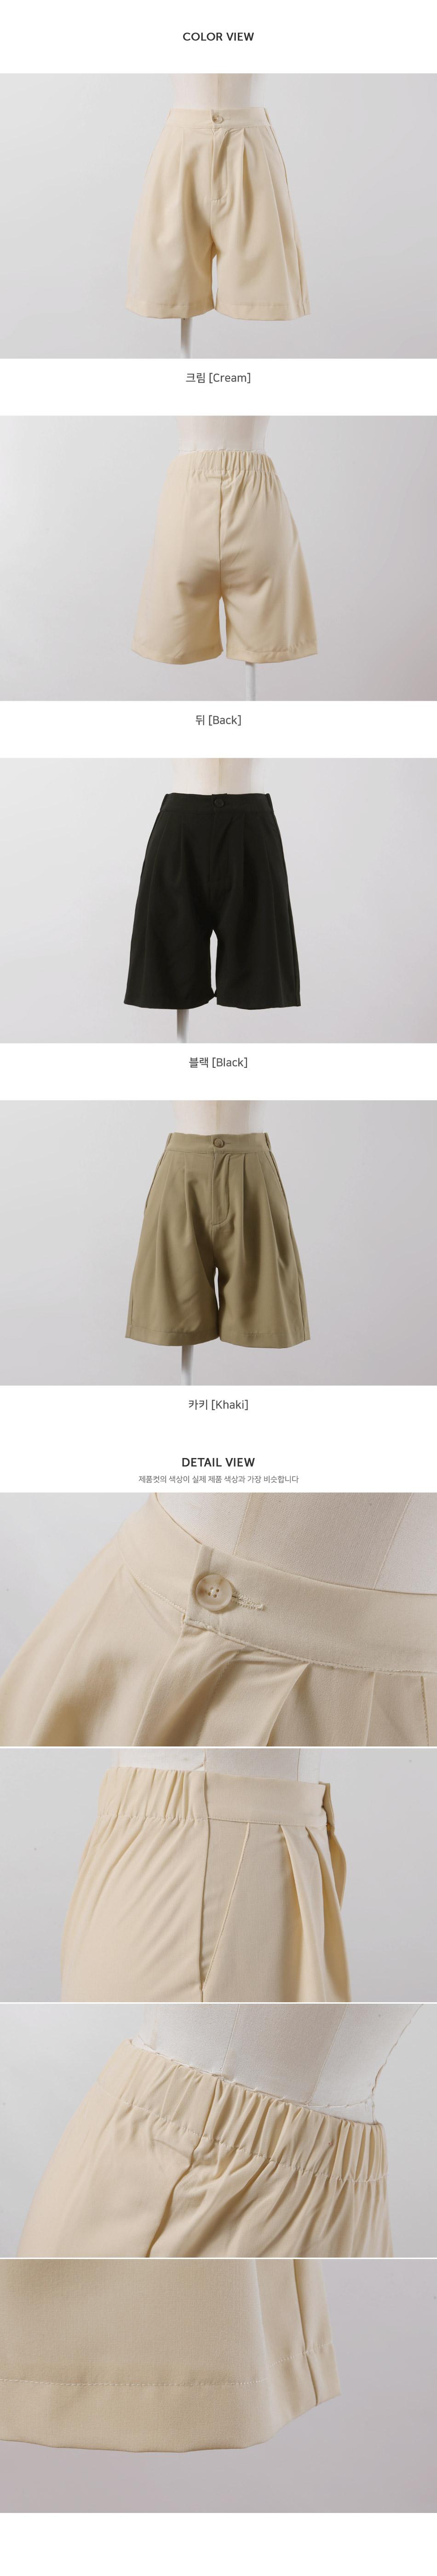 Delion 4 Slacks Banding Pants